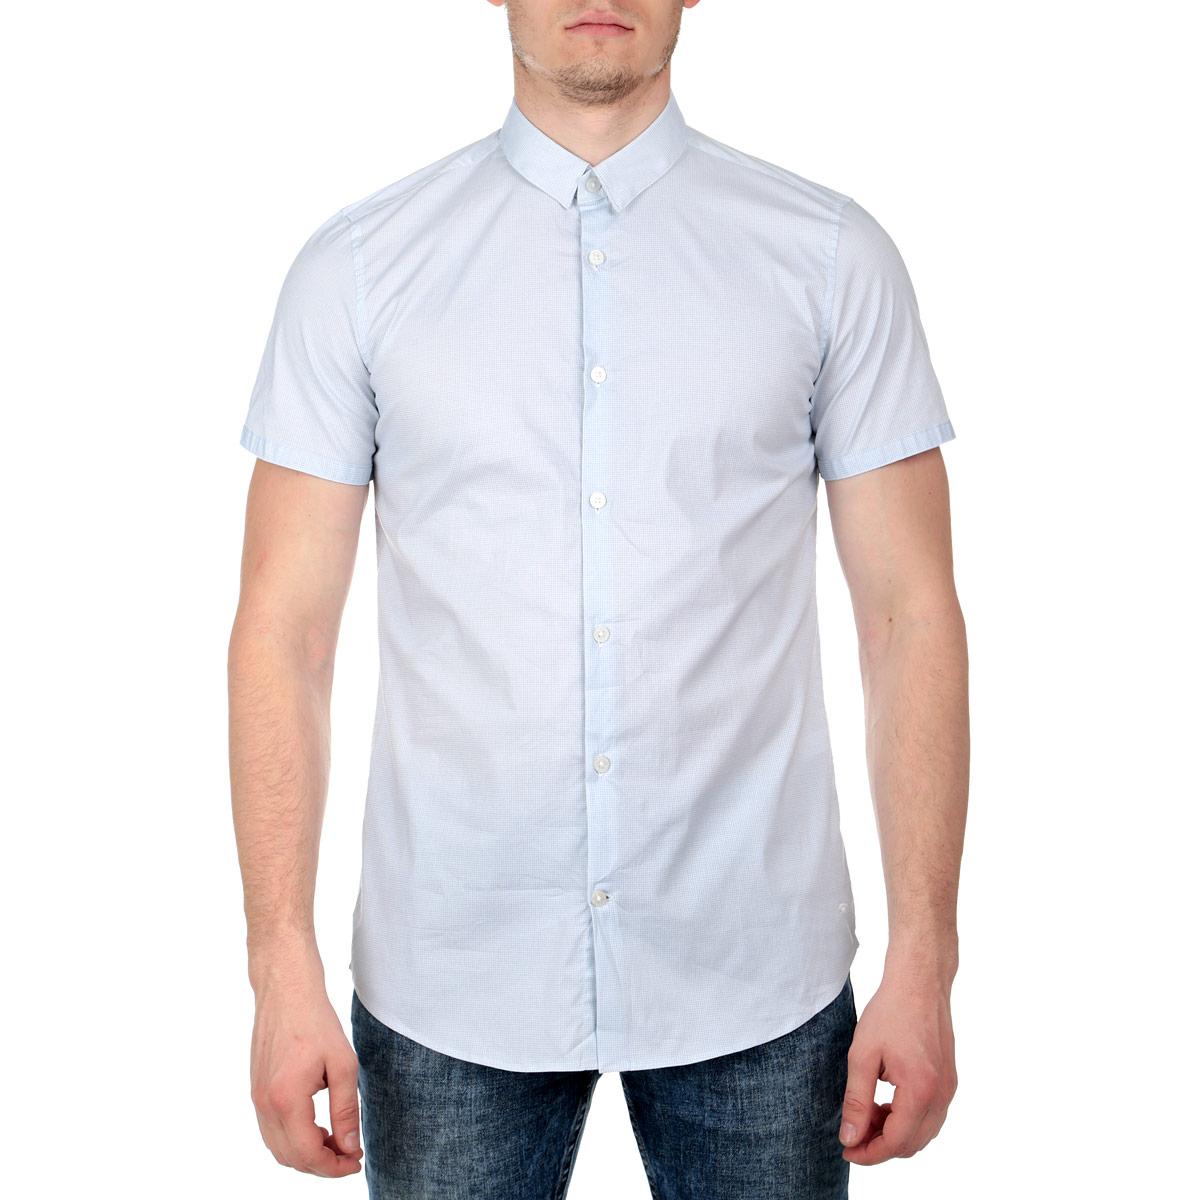 2029818.02.15Стильная мужская рубашка Tom Tailor, изготовленная из эластичного хлопка, необычайно мягкая и приятная на ощупь, не сковывает движения и позволяет коже дышать, обеспечивая наибольший комфорт. Модная рубашка прямого кроя с короткими рукавами, отложным воротником и полукруглым низом застегивается на пуговицы по всей длине. Оформлено изделие оригинальным мелким орнаментом. Эта рубашка идеальный вариант для повседневного гардероба. Такая модель порадует настоящих ценителей комфорта и практичности!